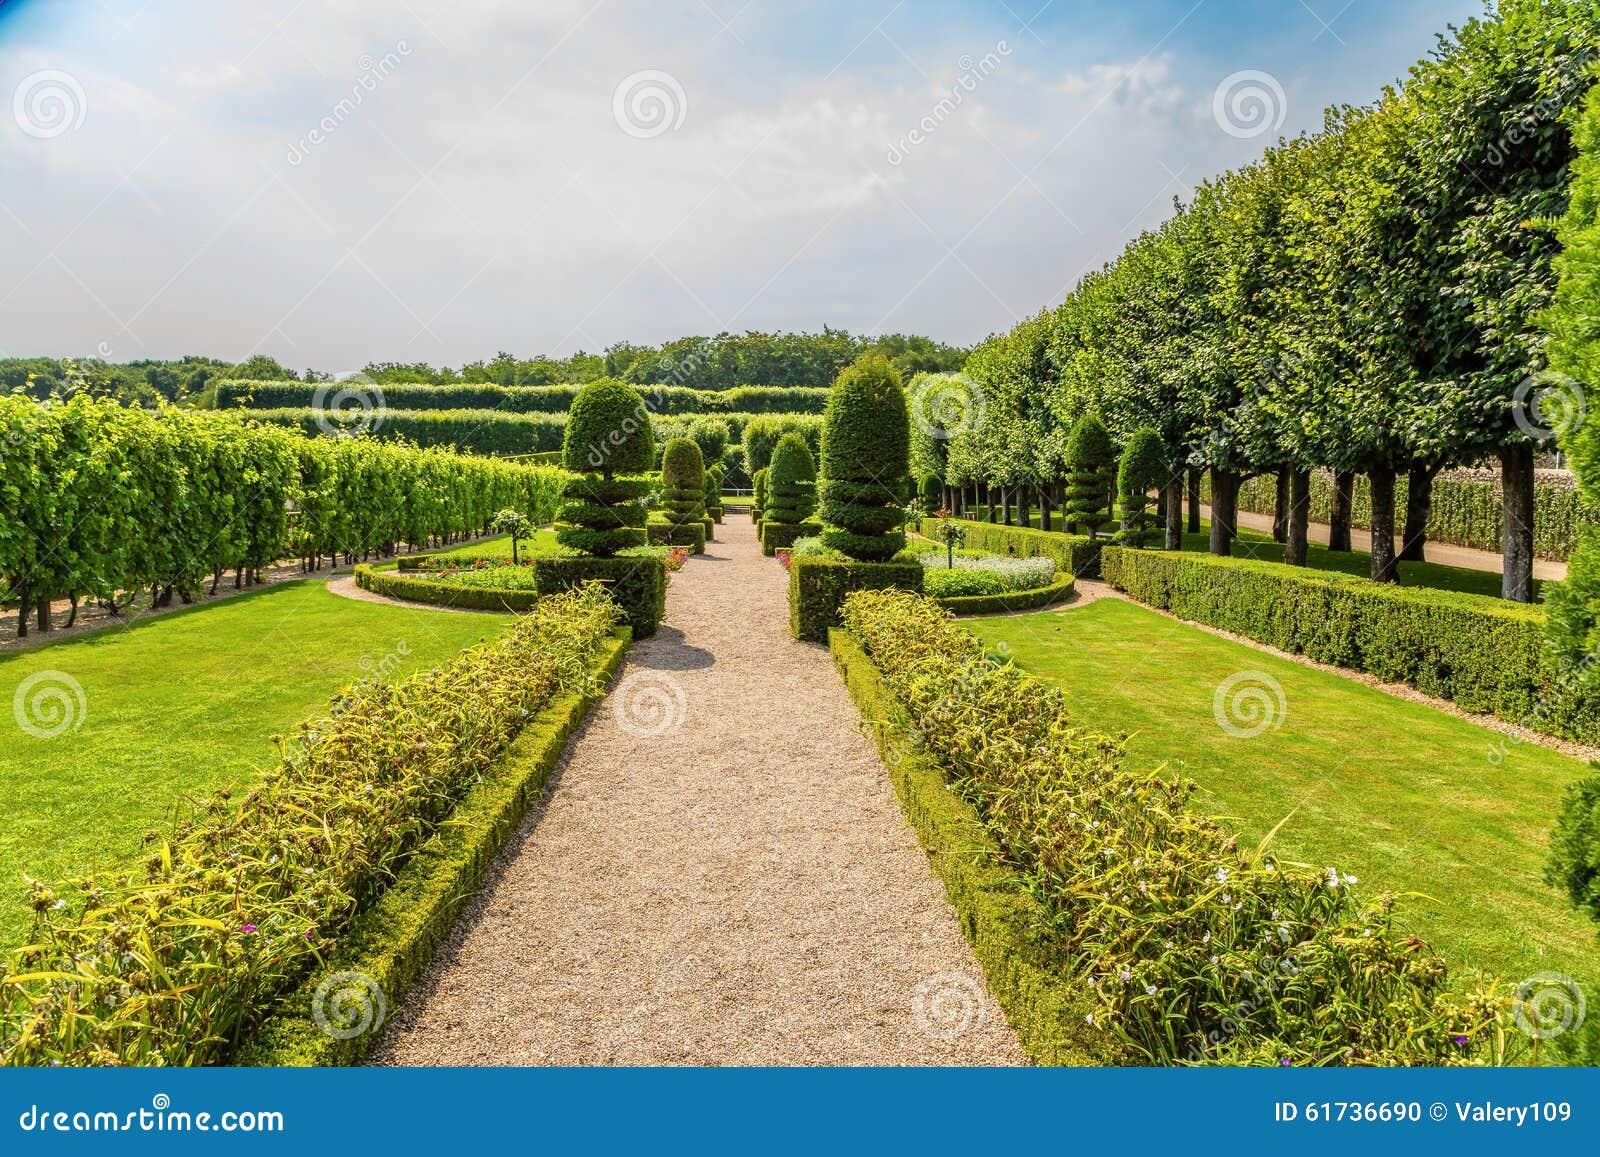 Allée Avec Les Arbres Et Les Arbustes Coupés Dans Les Jardins Du ...